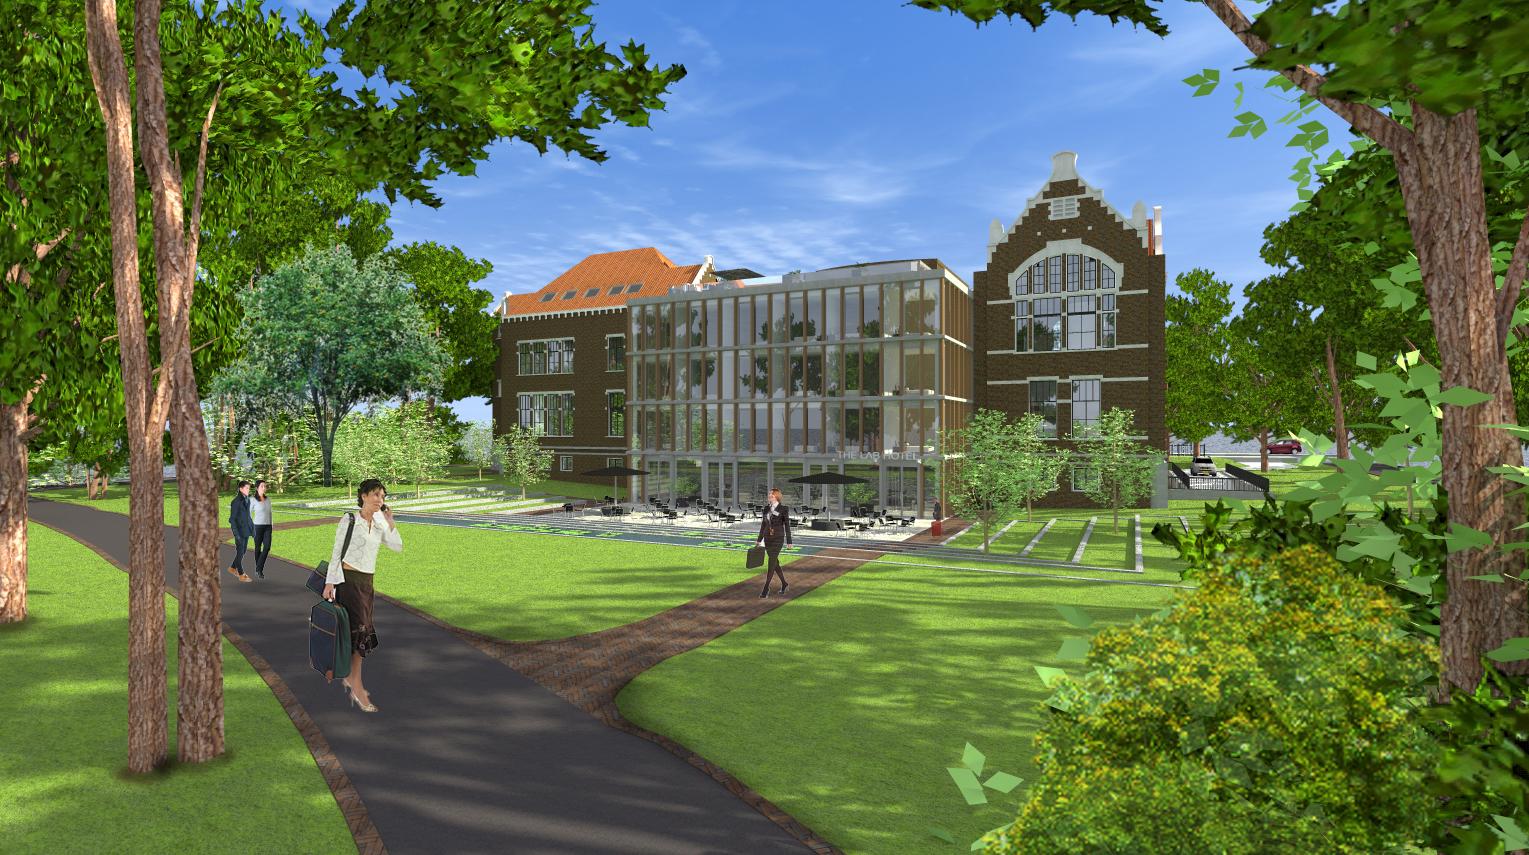 Architerctenbureau Amsterdam Maxim Winkelaar maakt ontwerp voor 5 sterren hotel gelegen aan Mauritskade te Amsterdam.